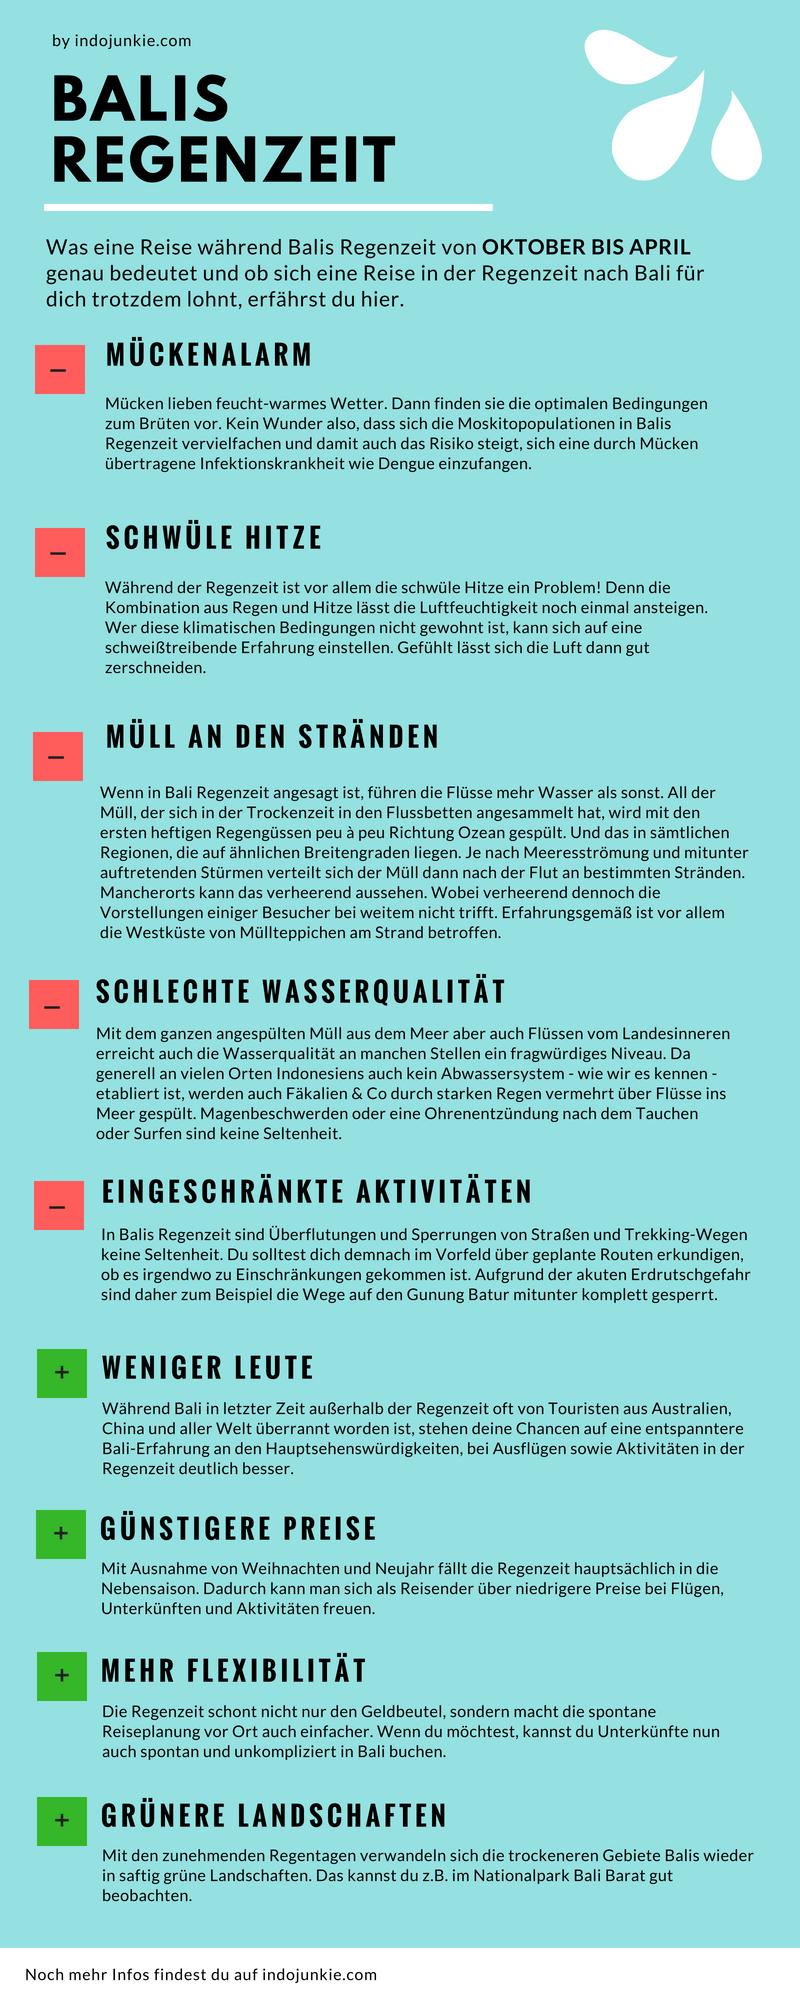 regenzeit-bali-infografik